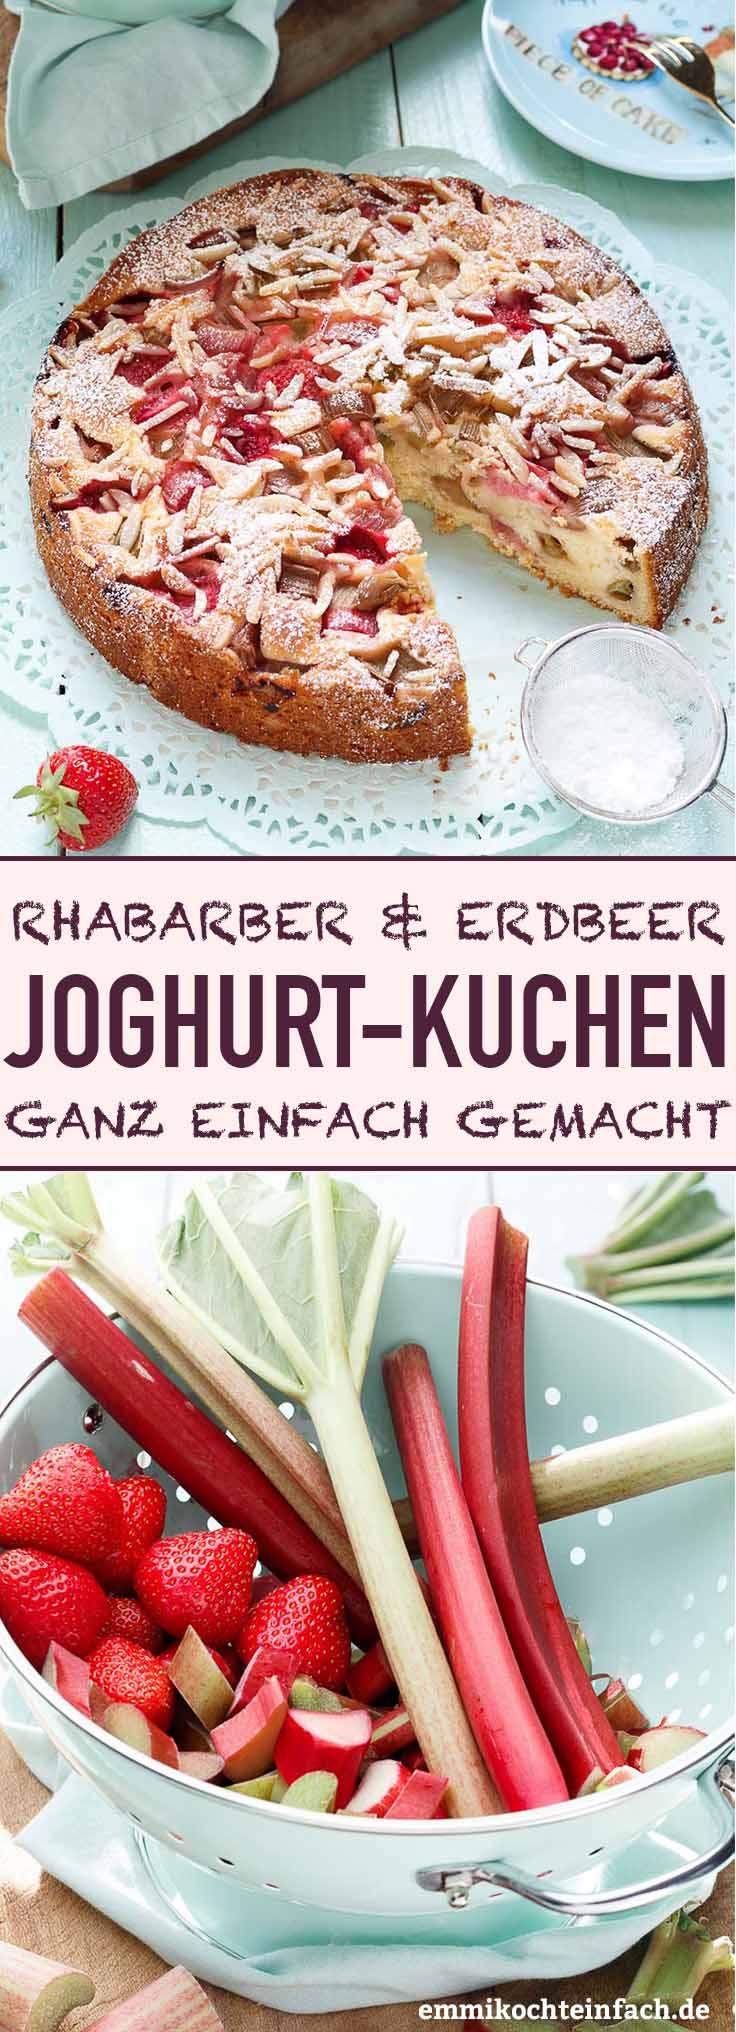 Ein saftiger Kuchen mit dem beliebten Duo - www.emmikochteinfach.de